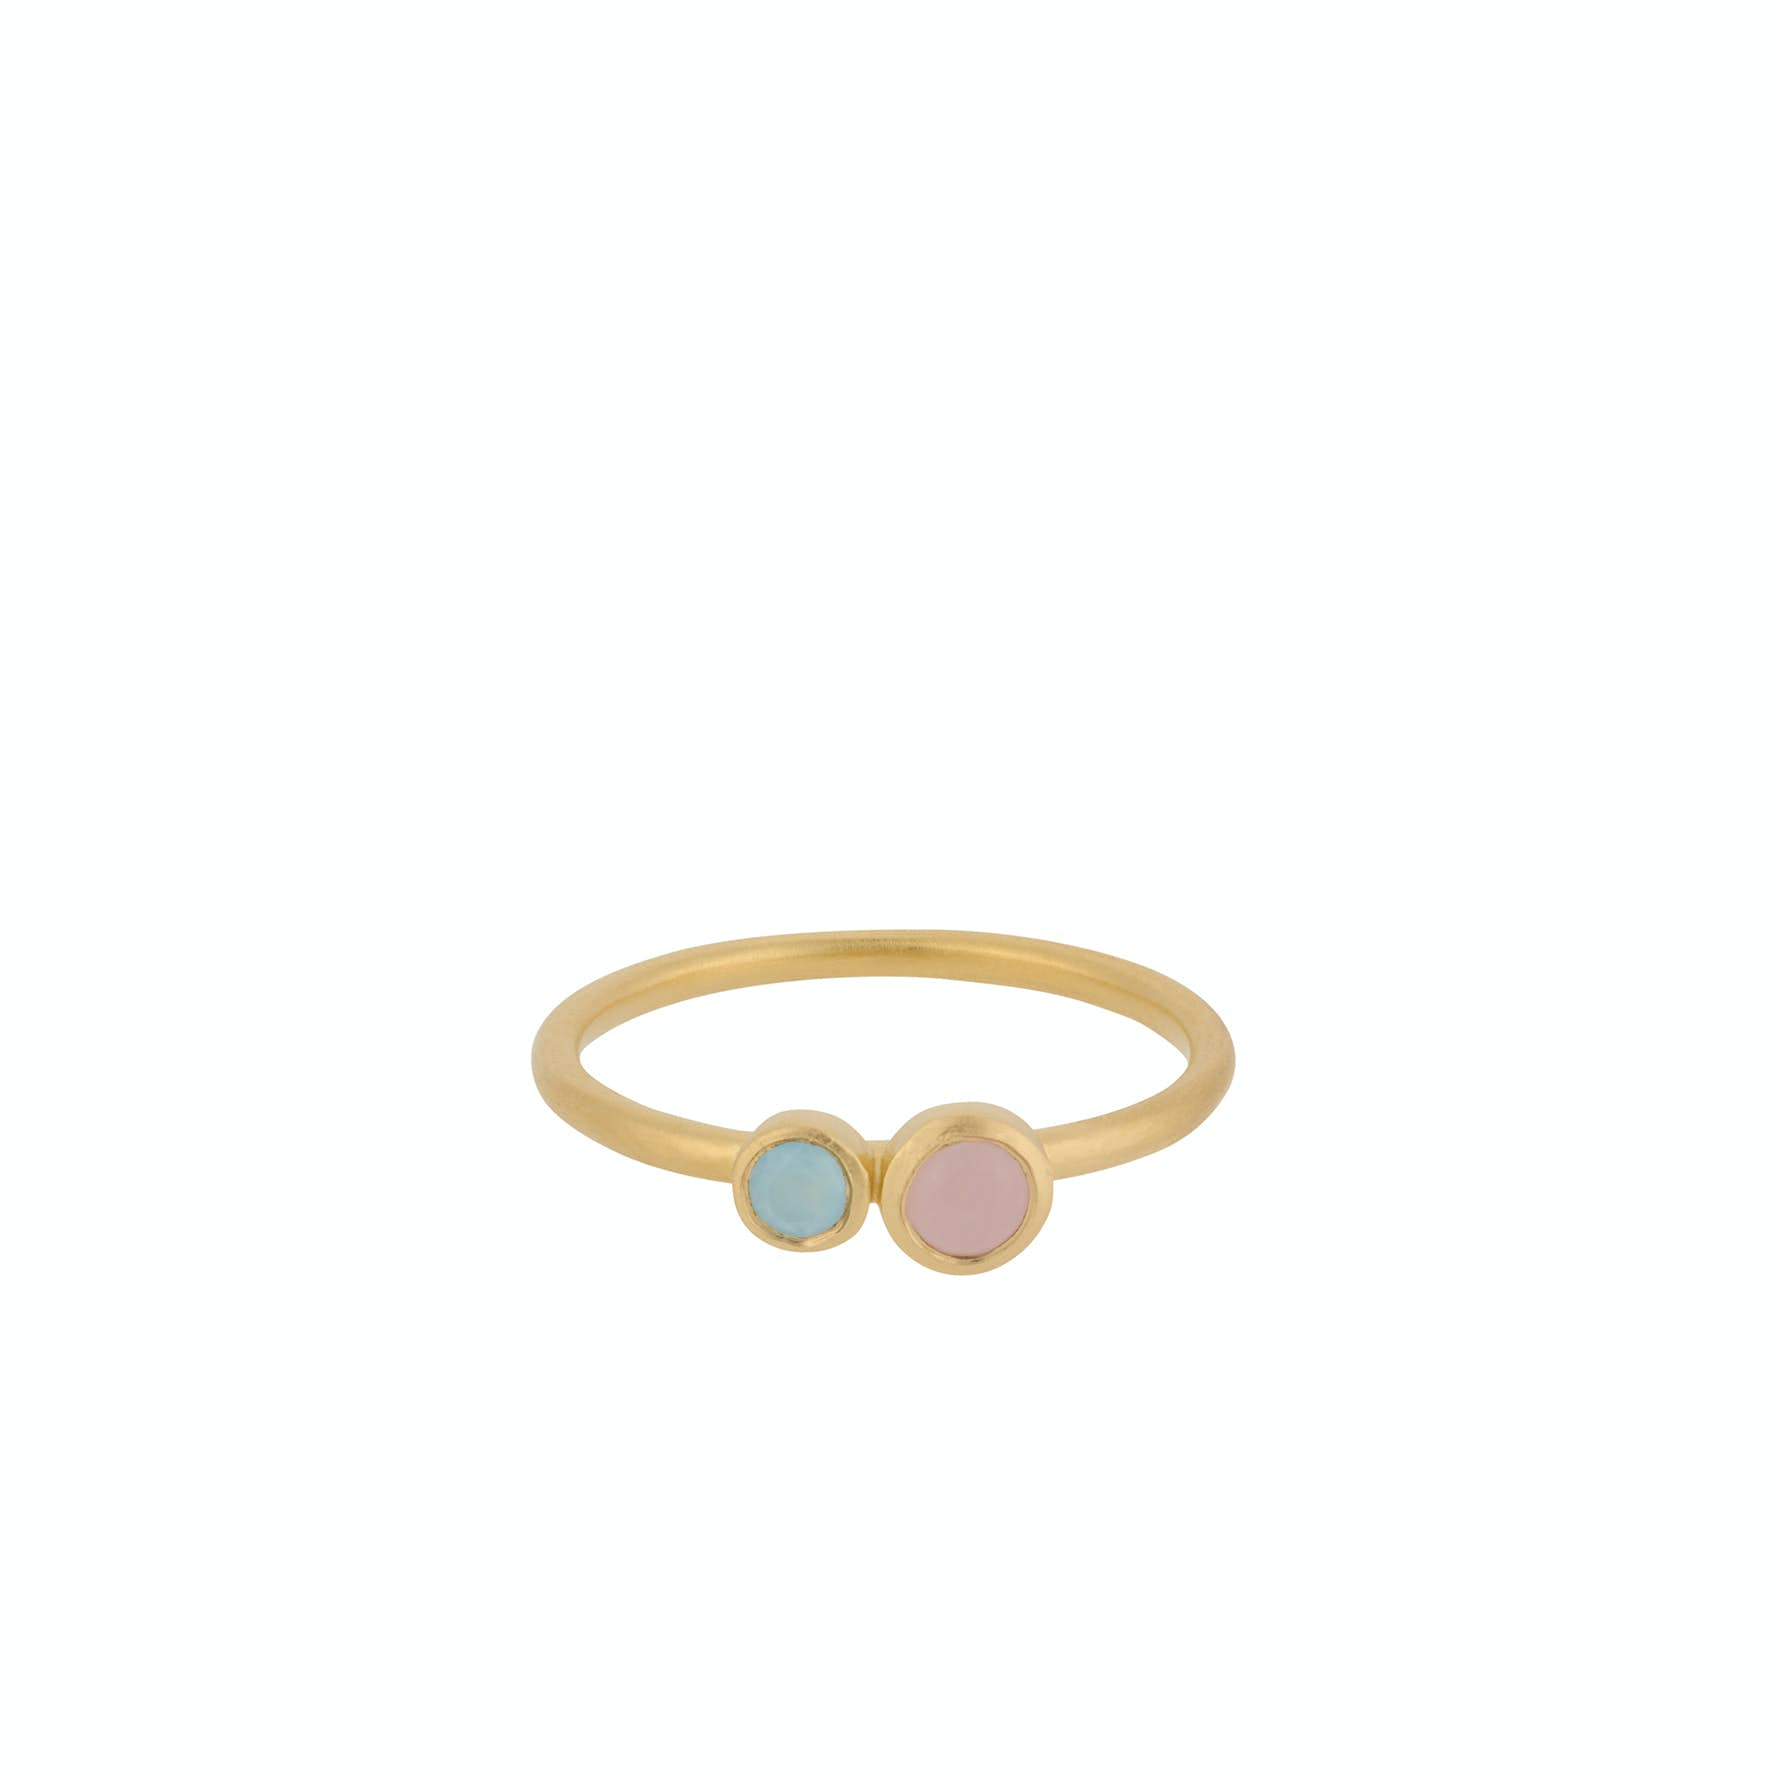 Sunset Ring von Pernille Corydon in Vergoldet-Silber Sterling 925